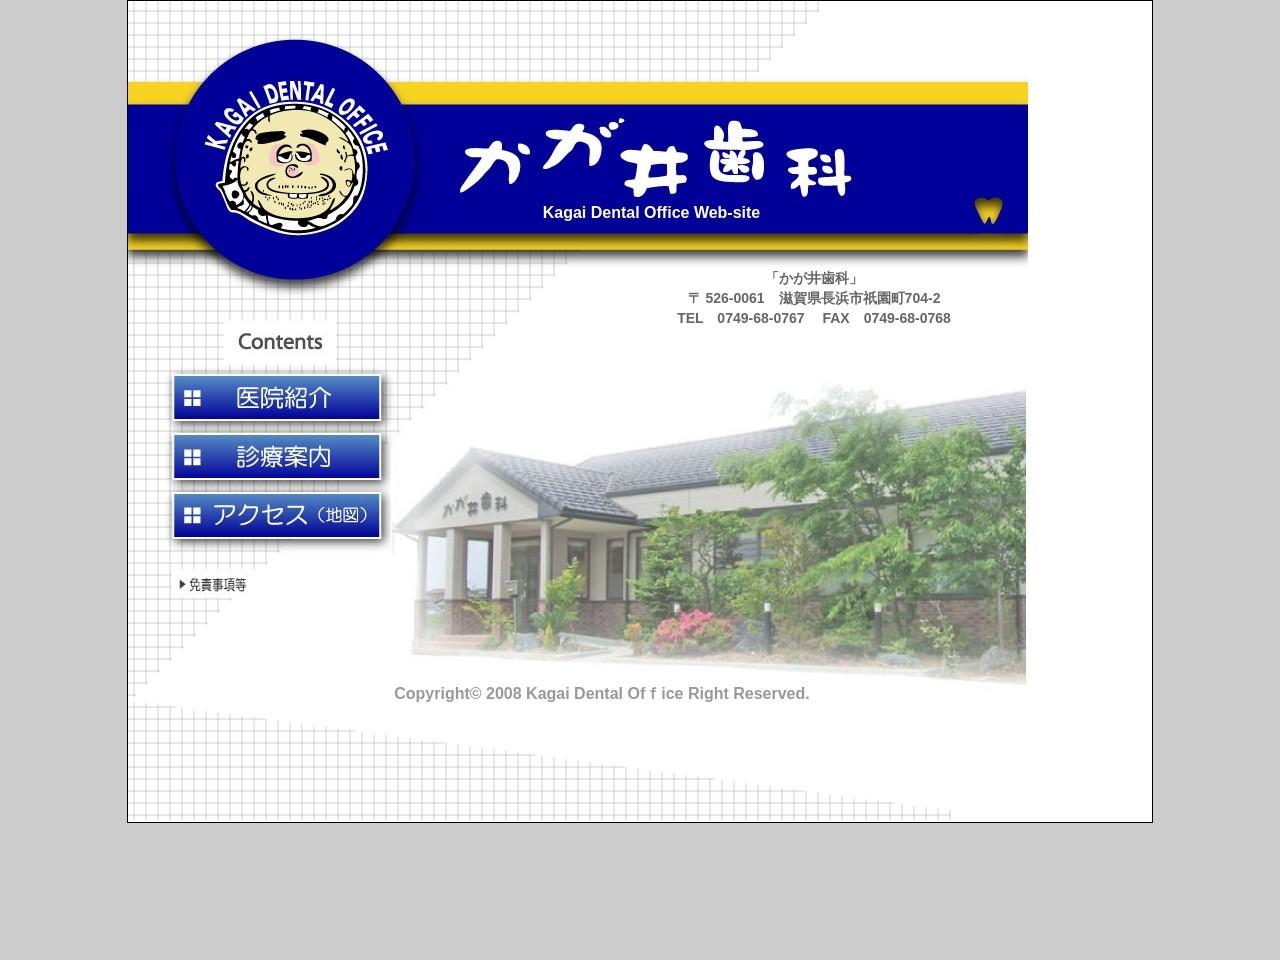 かが井歯科 (滋賀県長浜市)